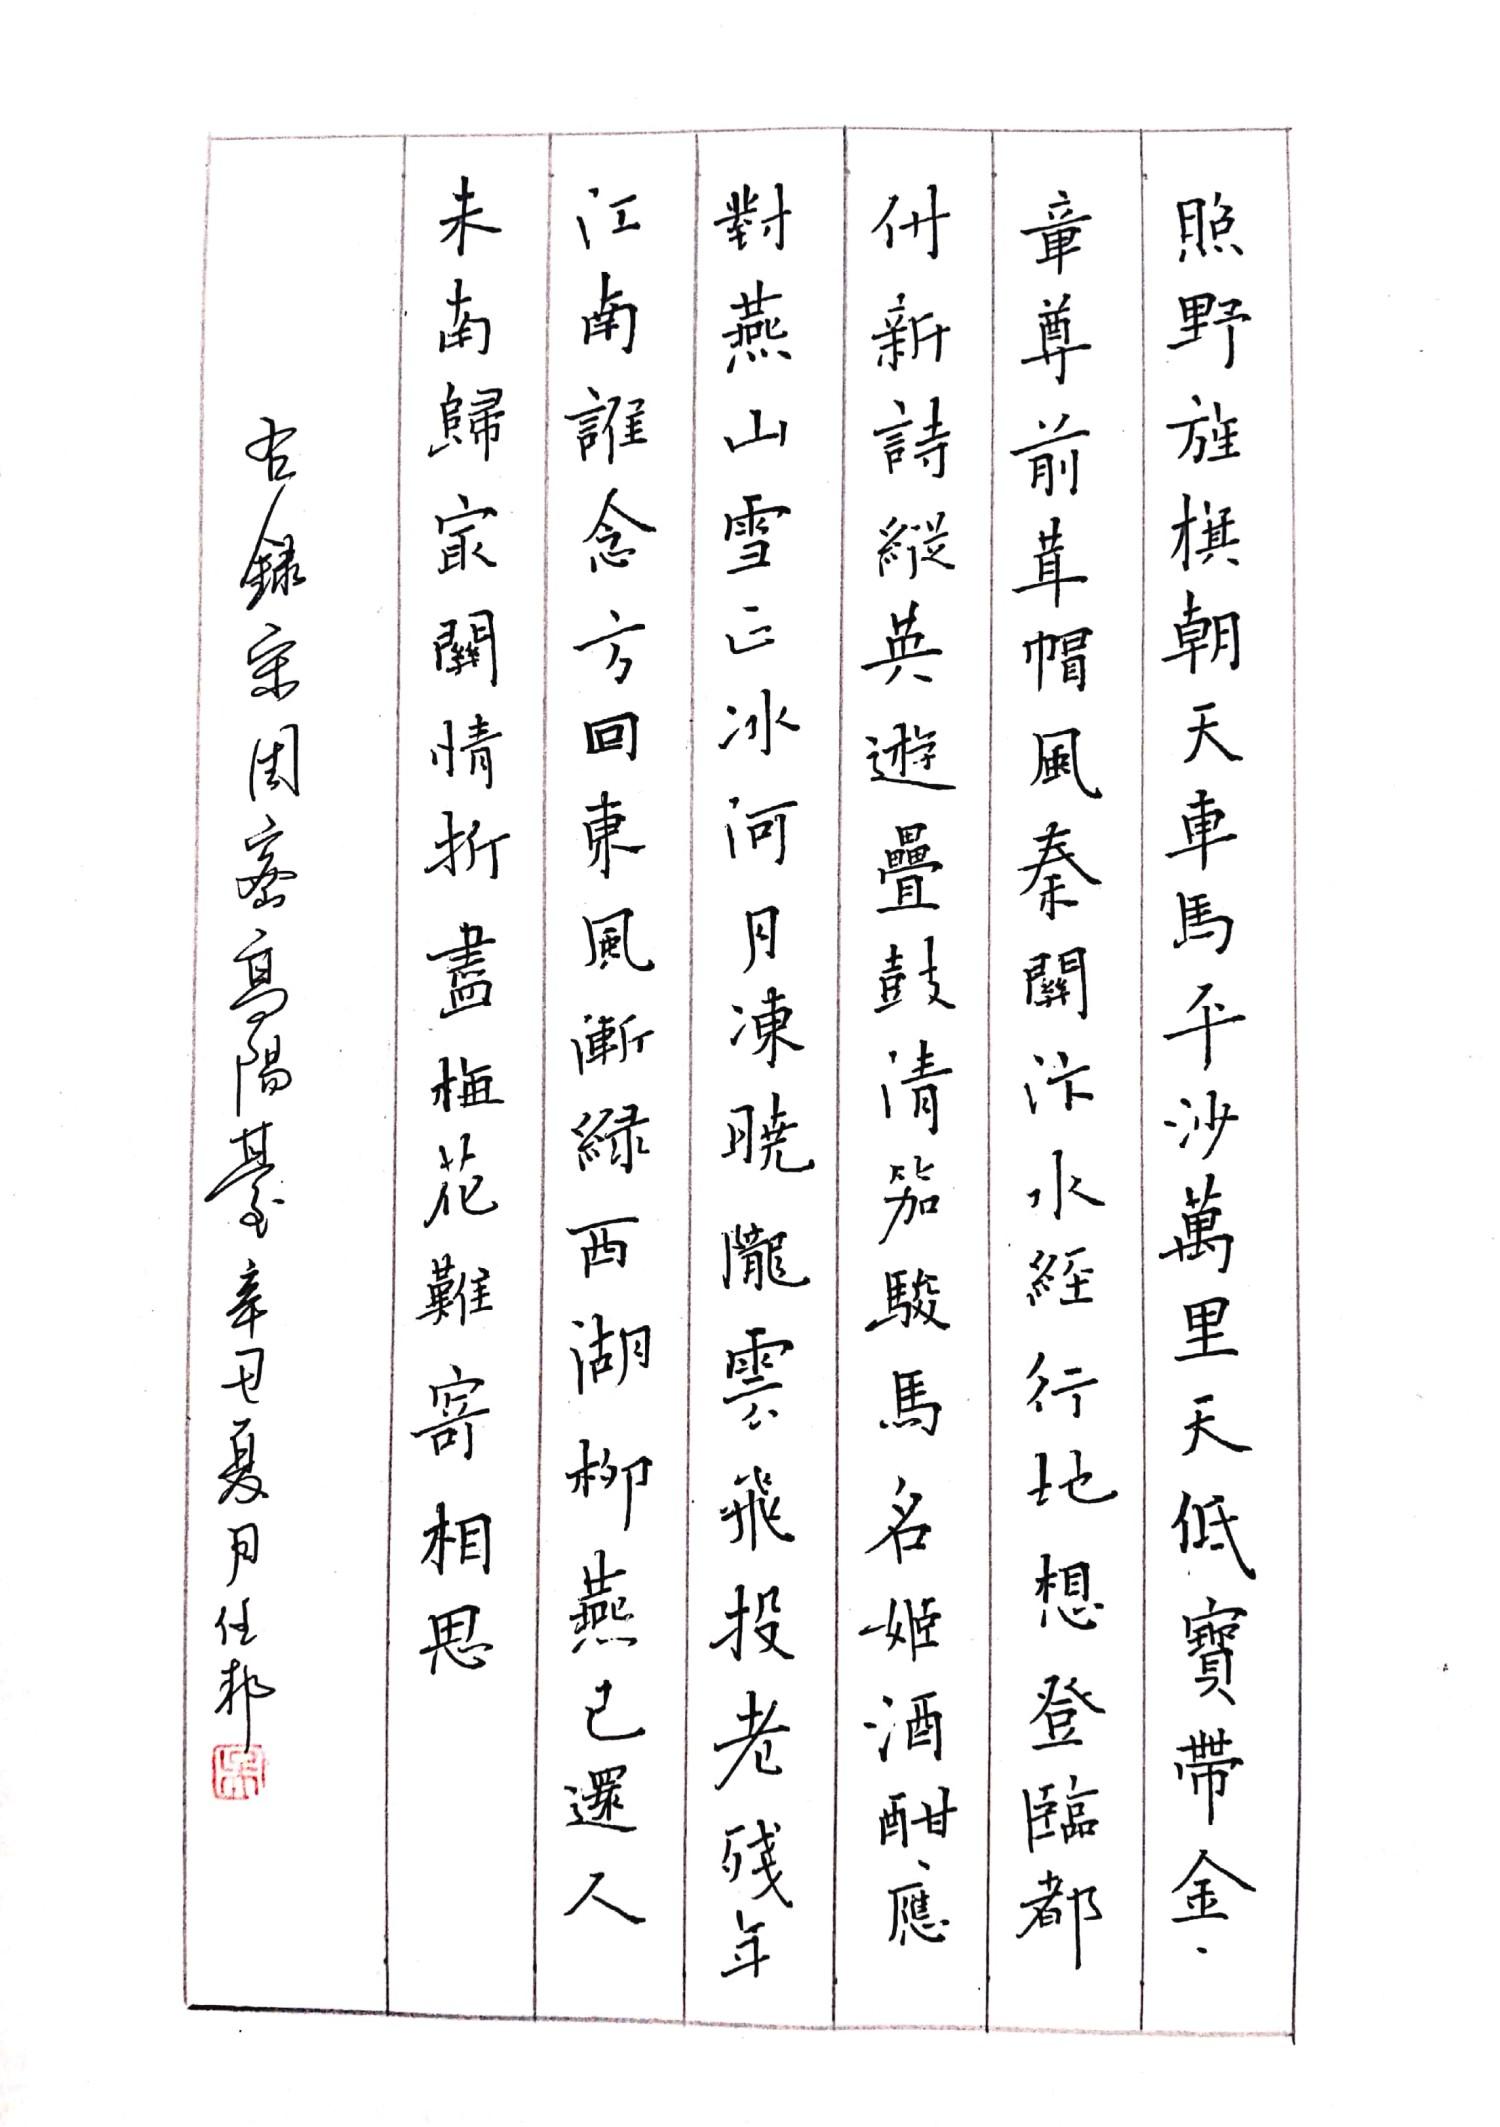 钢笔书法练字打卡20210525-09